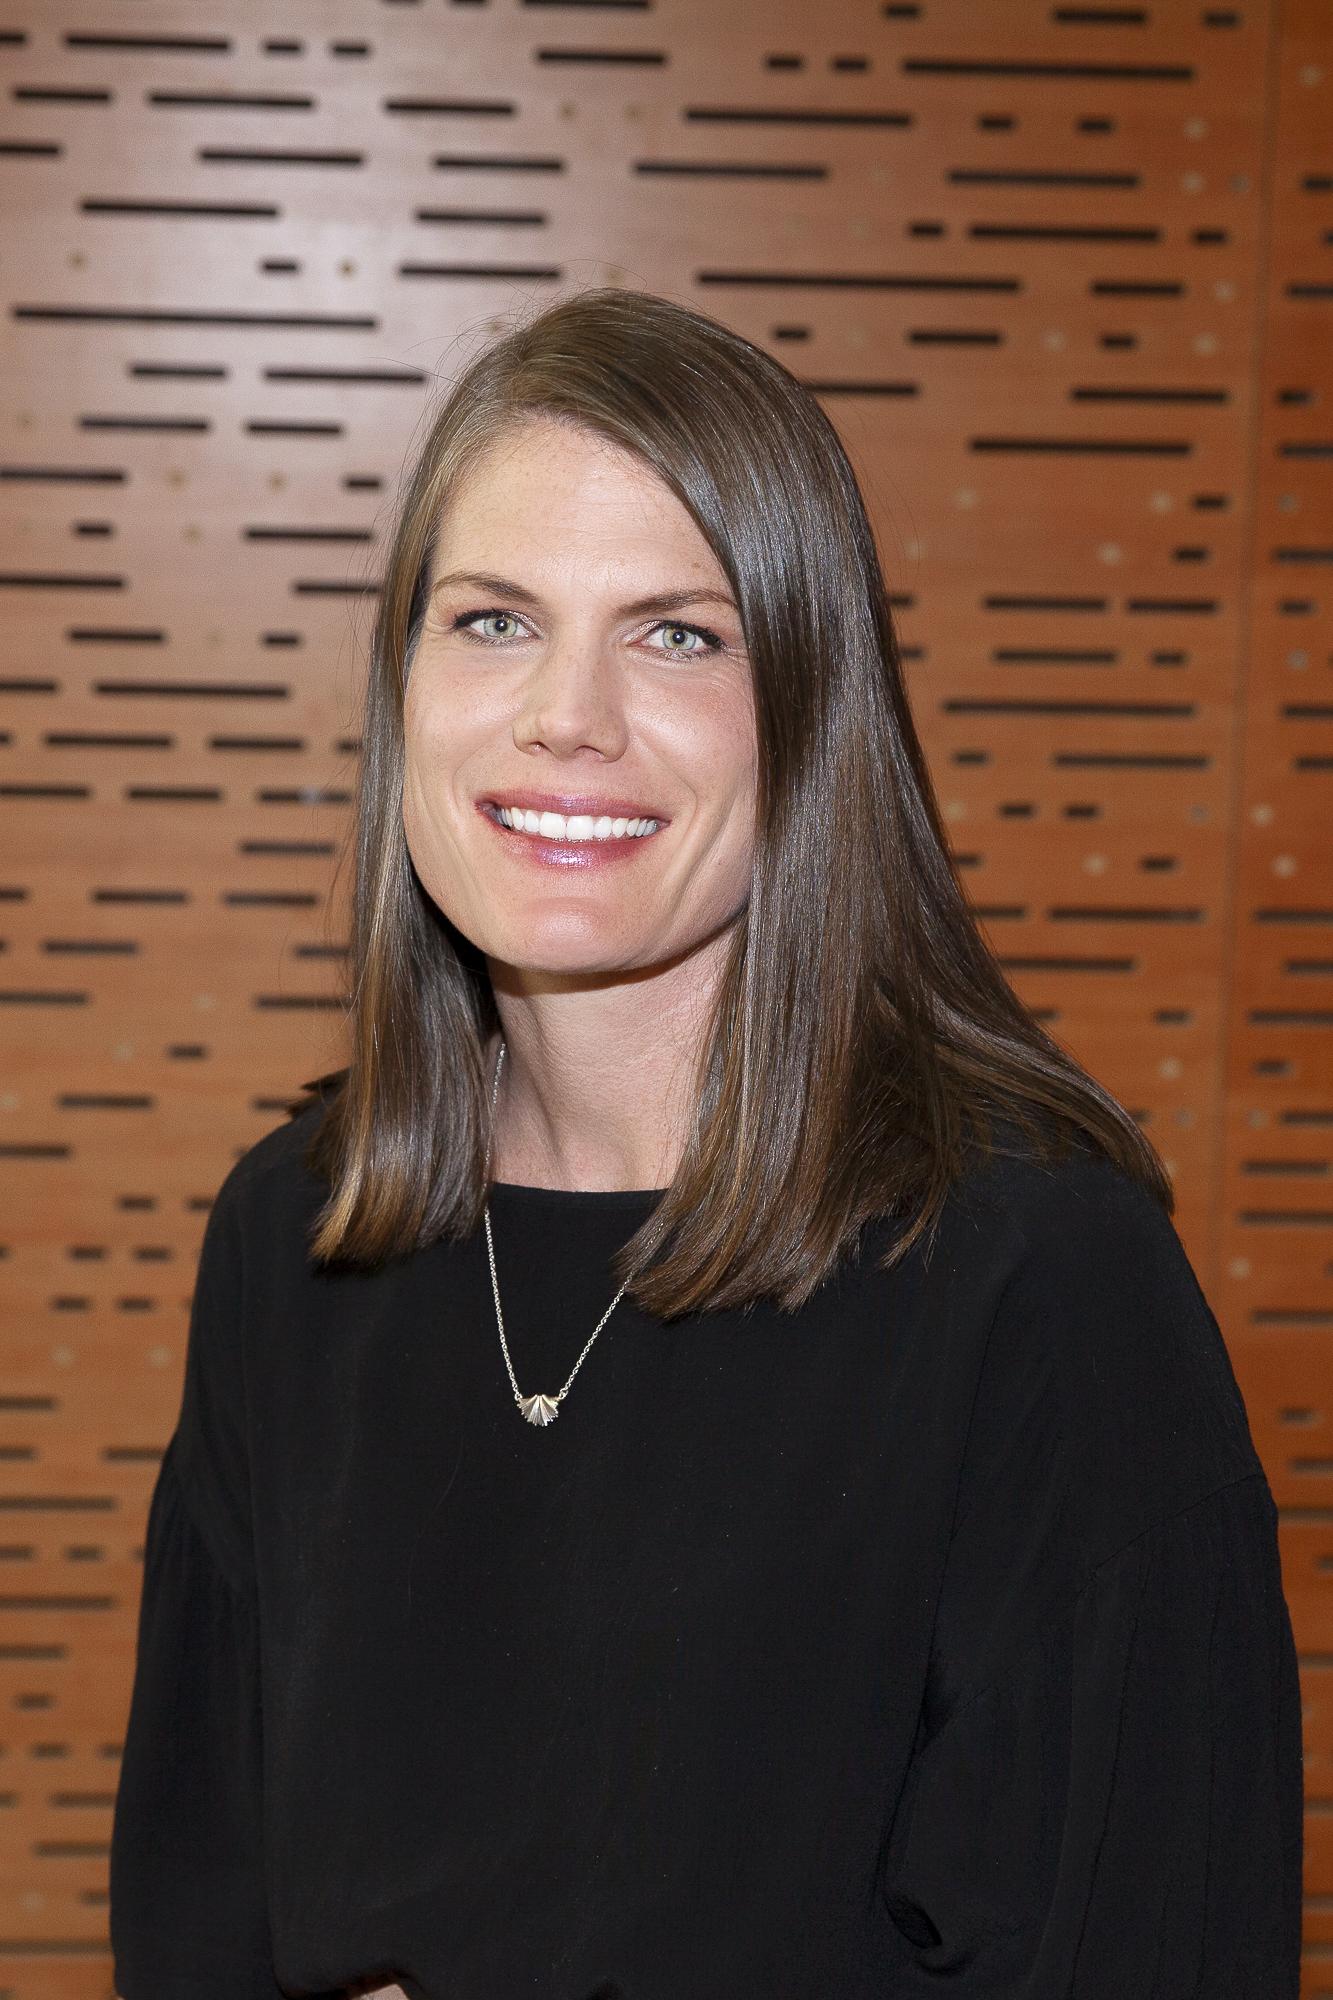 Lauren Wetini